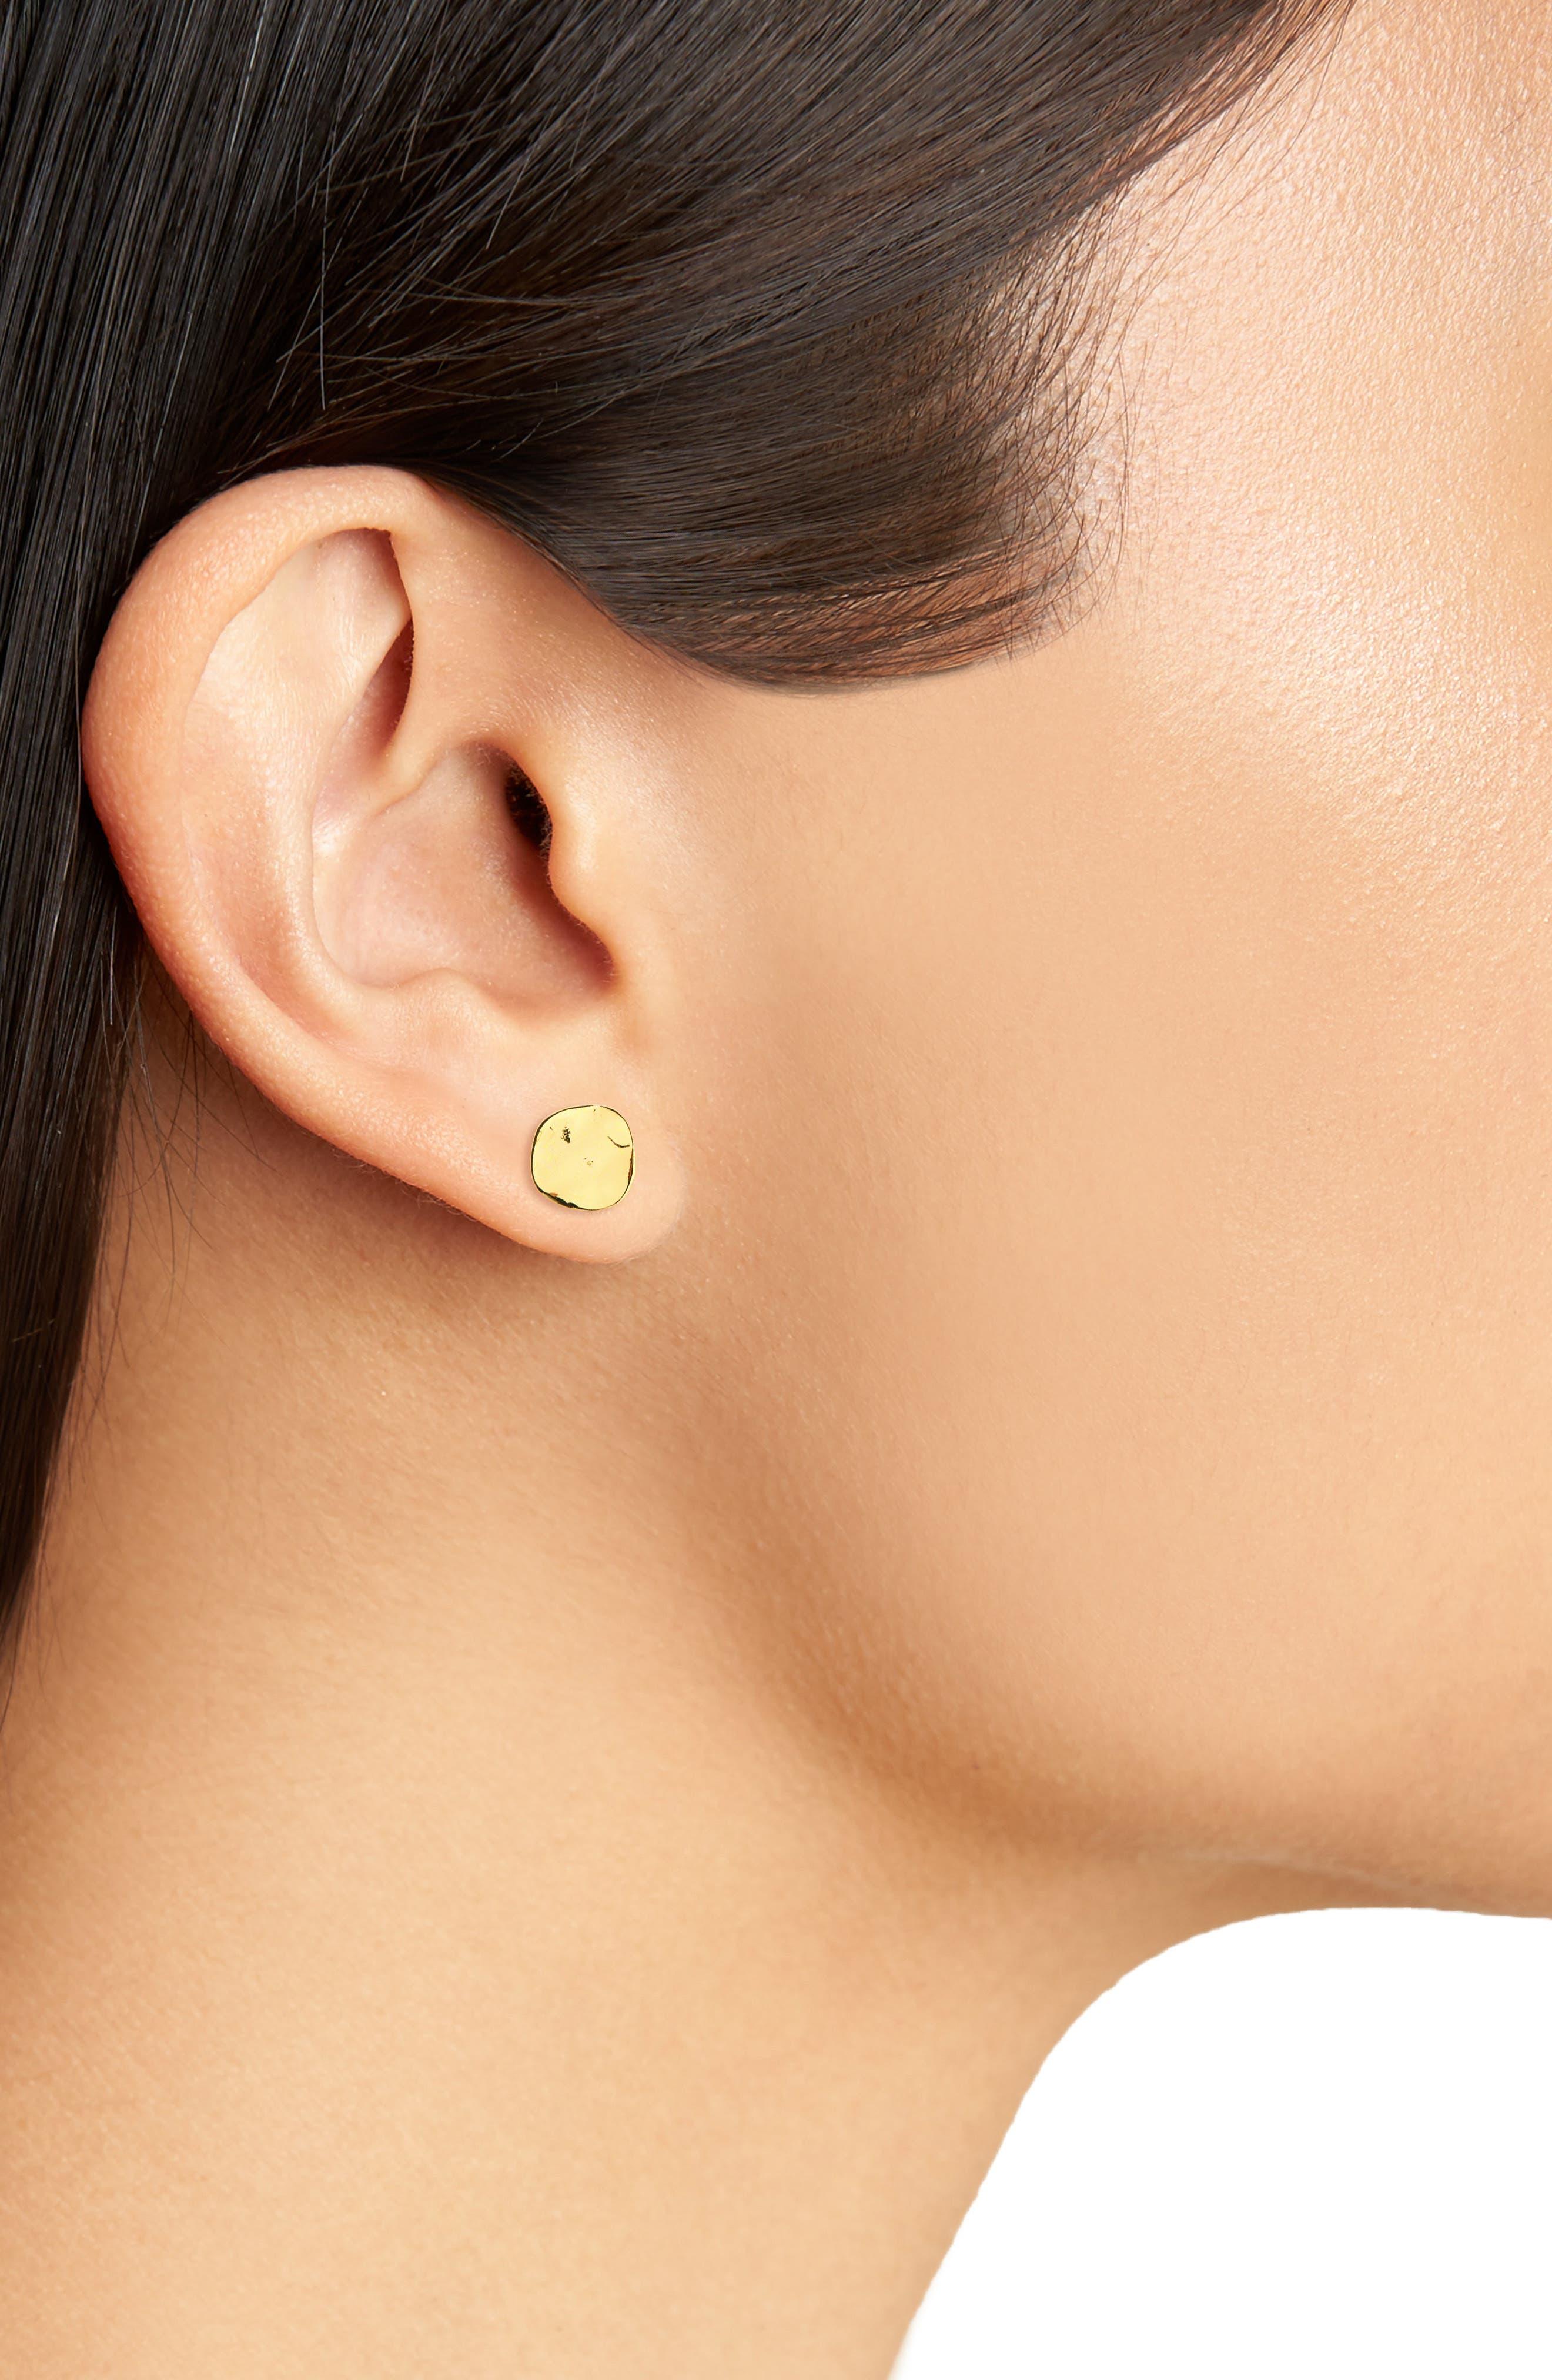 GORJANA, 'Chloe' Small Stud Earrings, Alternate thumbnail 2, color, GOLD